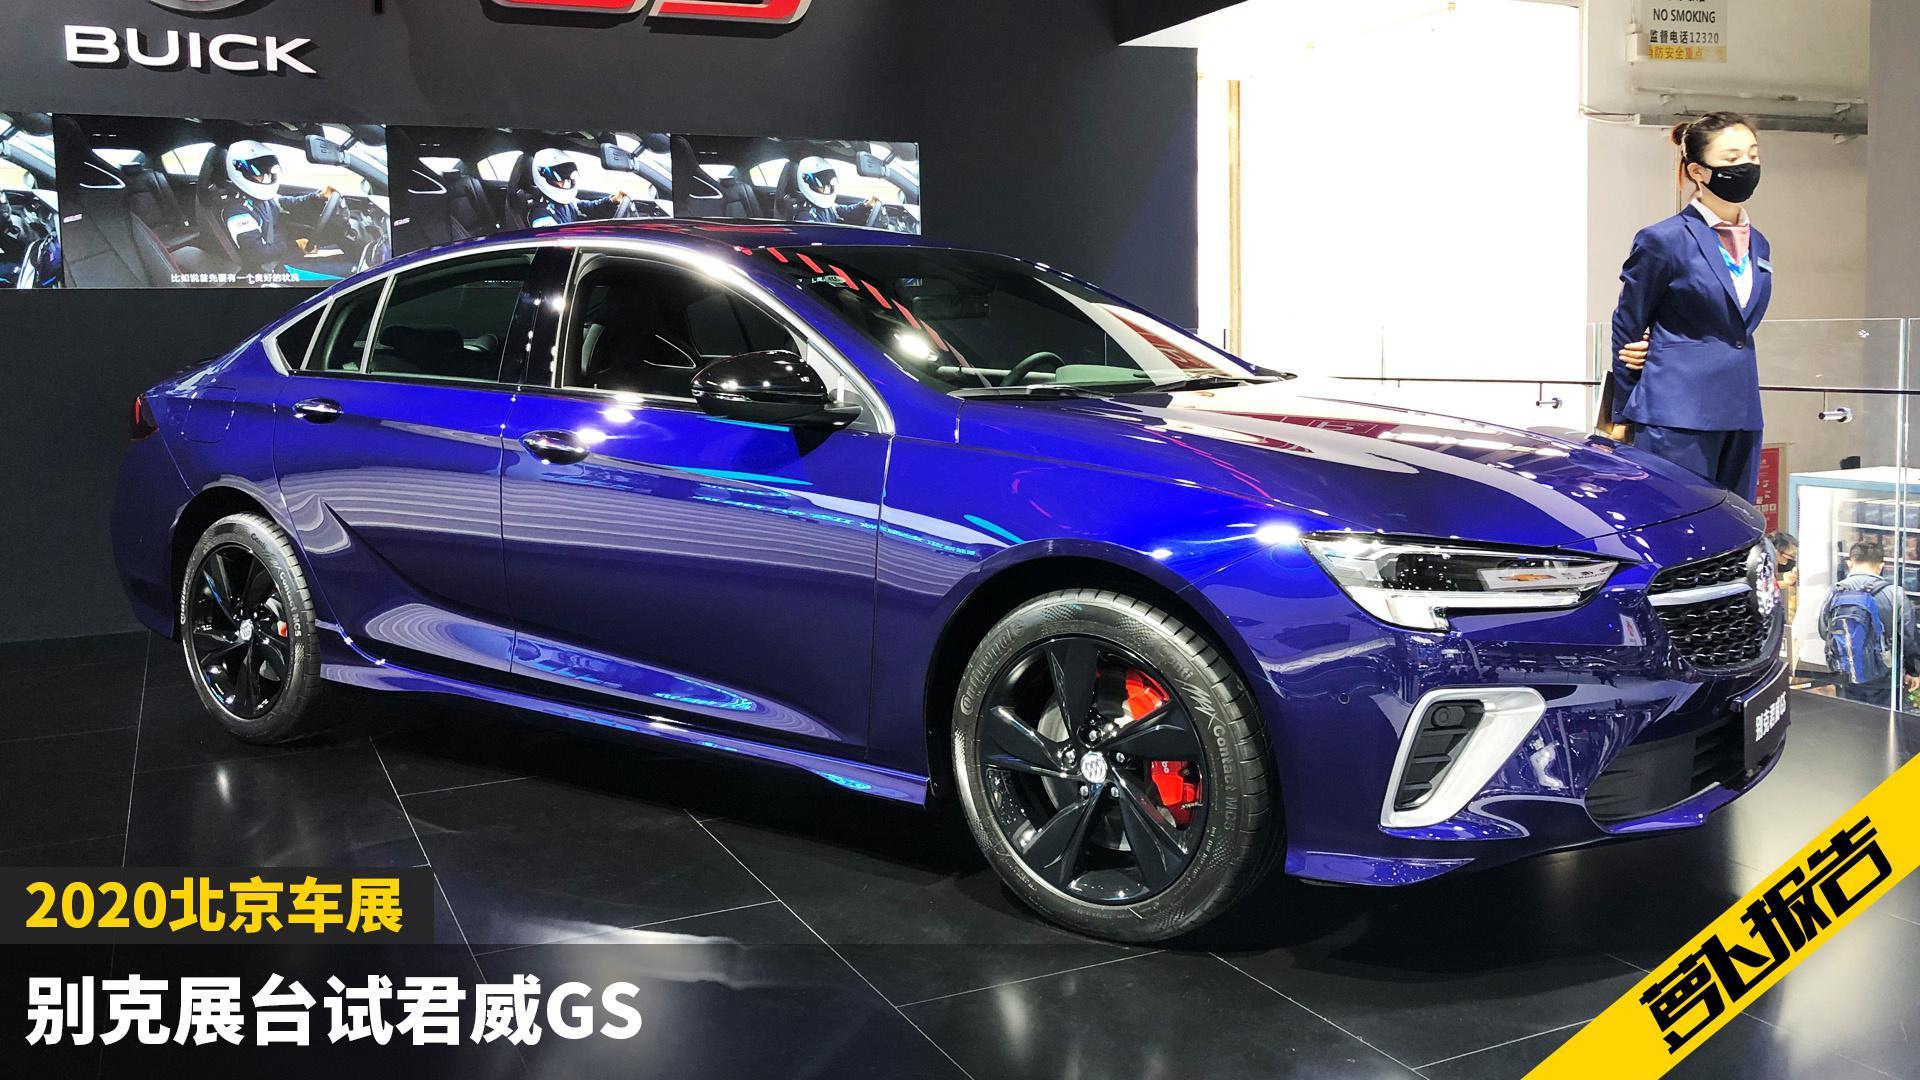 视频:轮胎很战斗 别克展台看君威GS | 2020北京车展